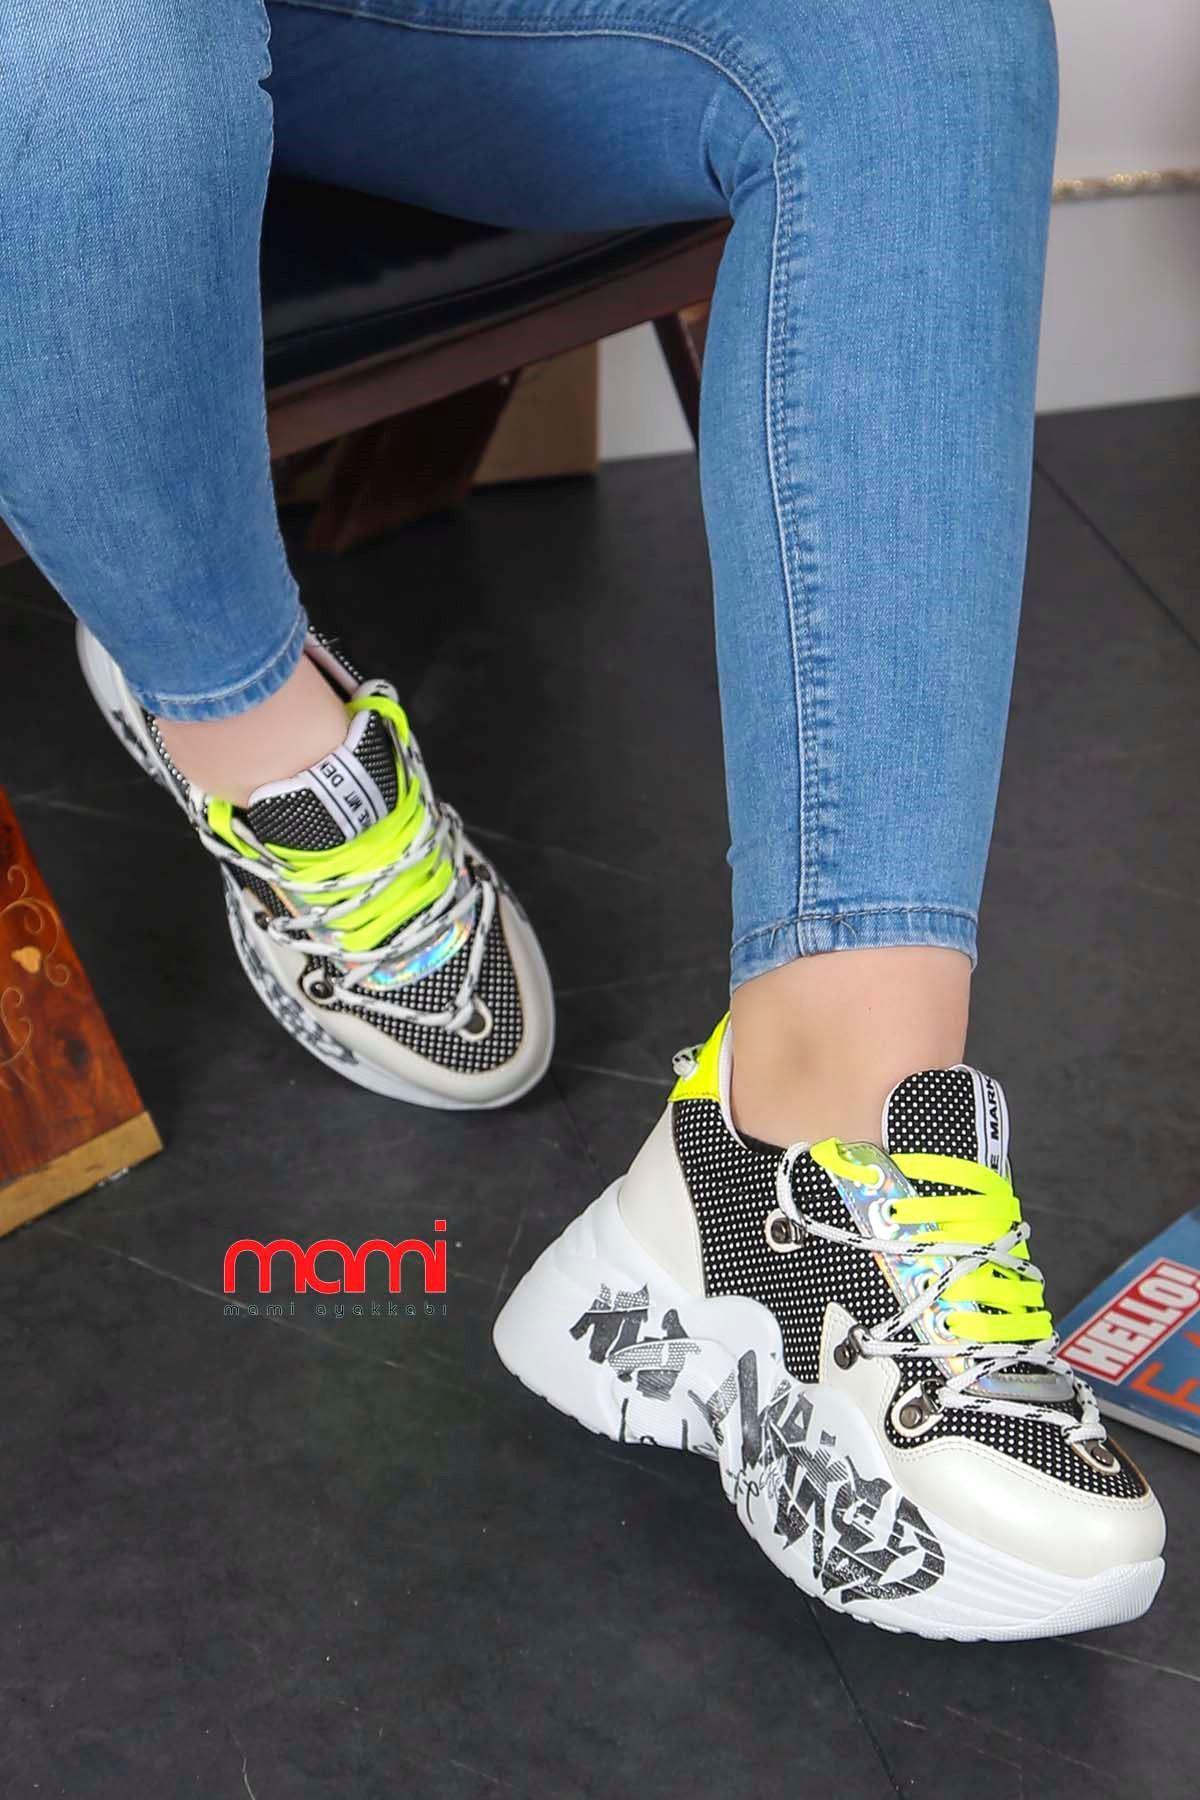 Dok-500 Resimli Taban Spor Ayakkabı Beyaz Deri